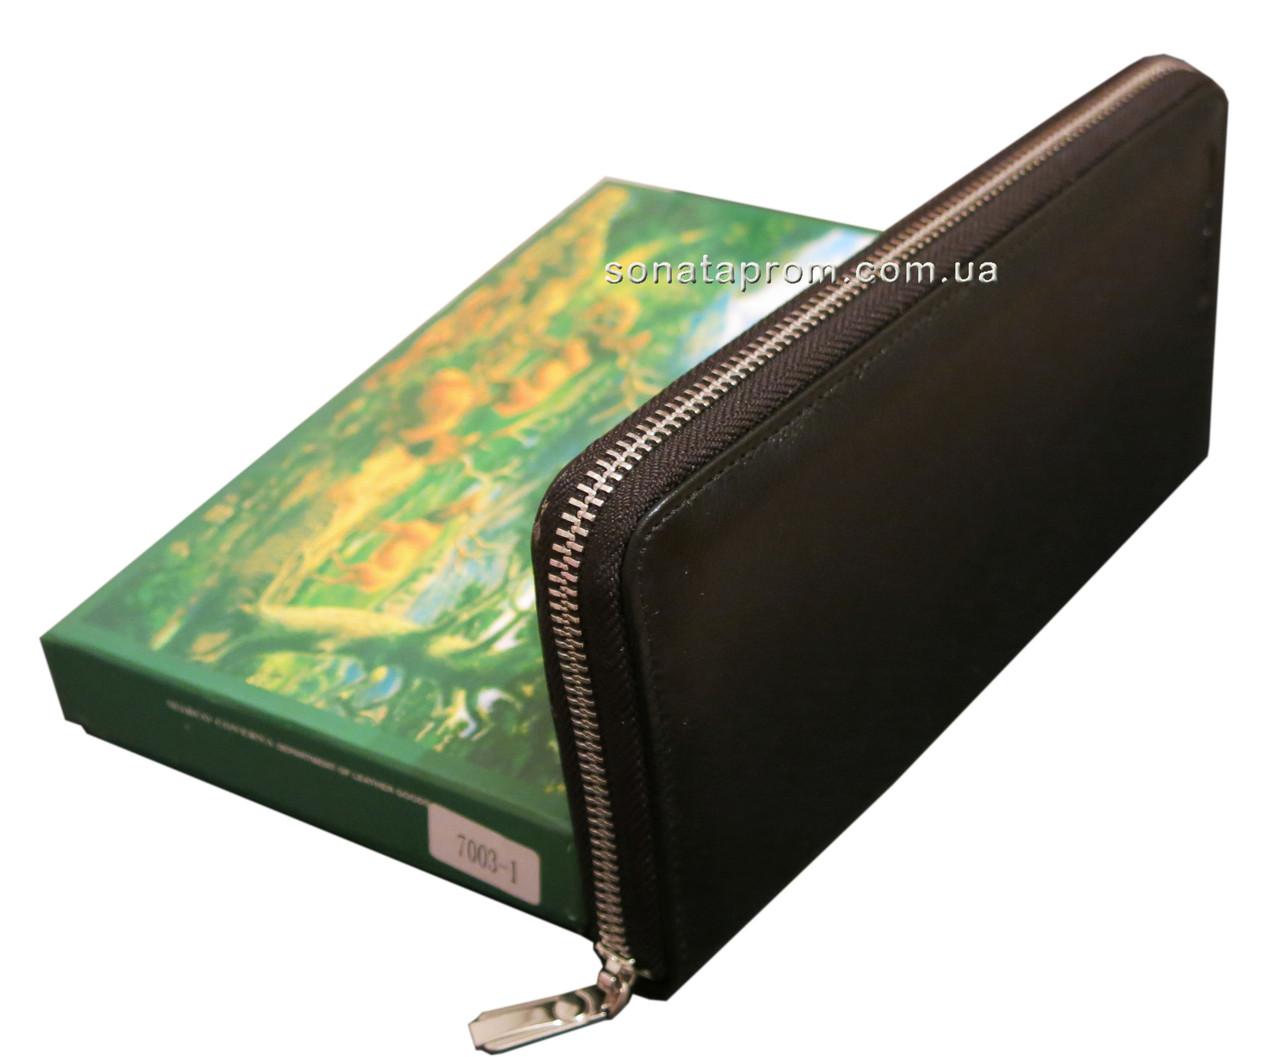 8413c5a0fe78 Кошелек на молнии кожаный Marco Coverna - купить по лучшей цене в ...